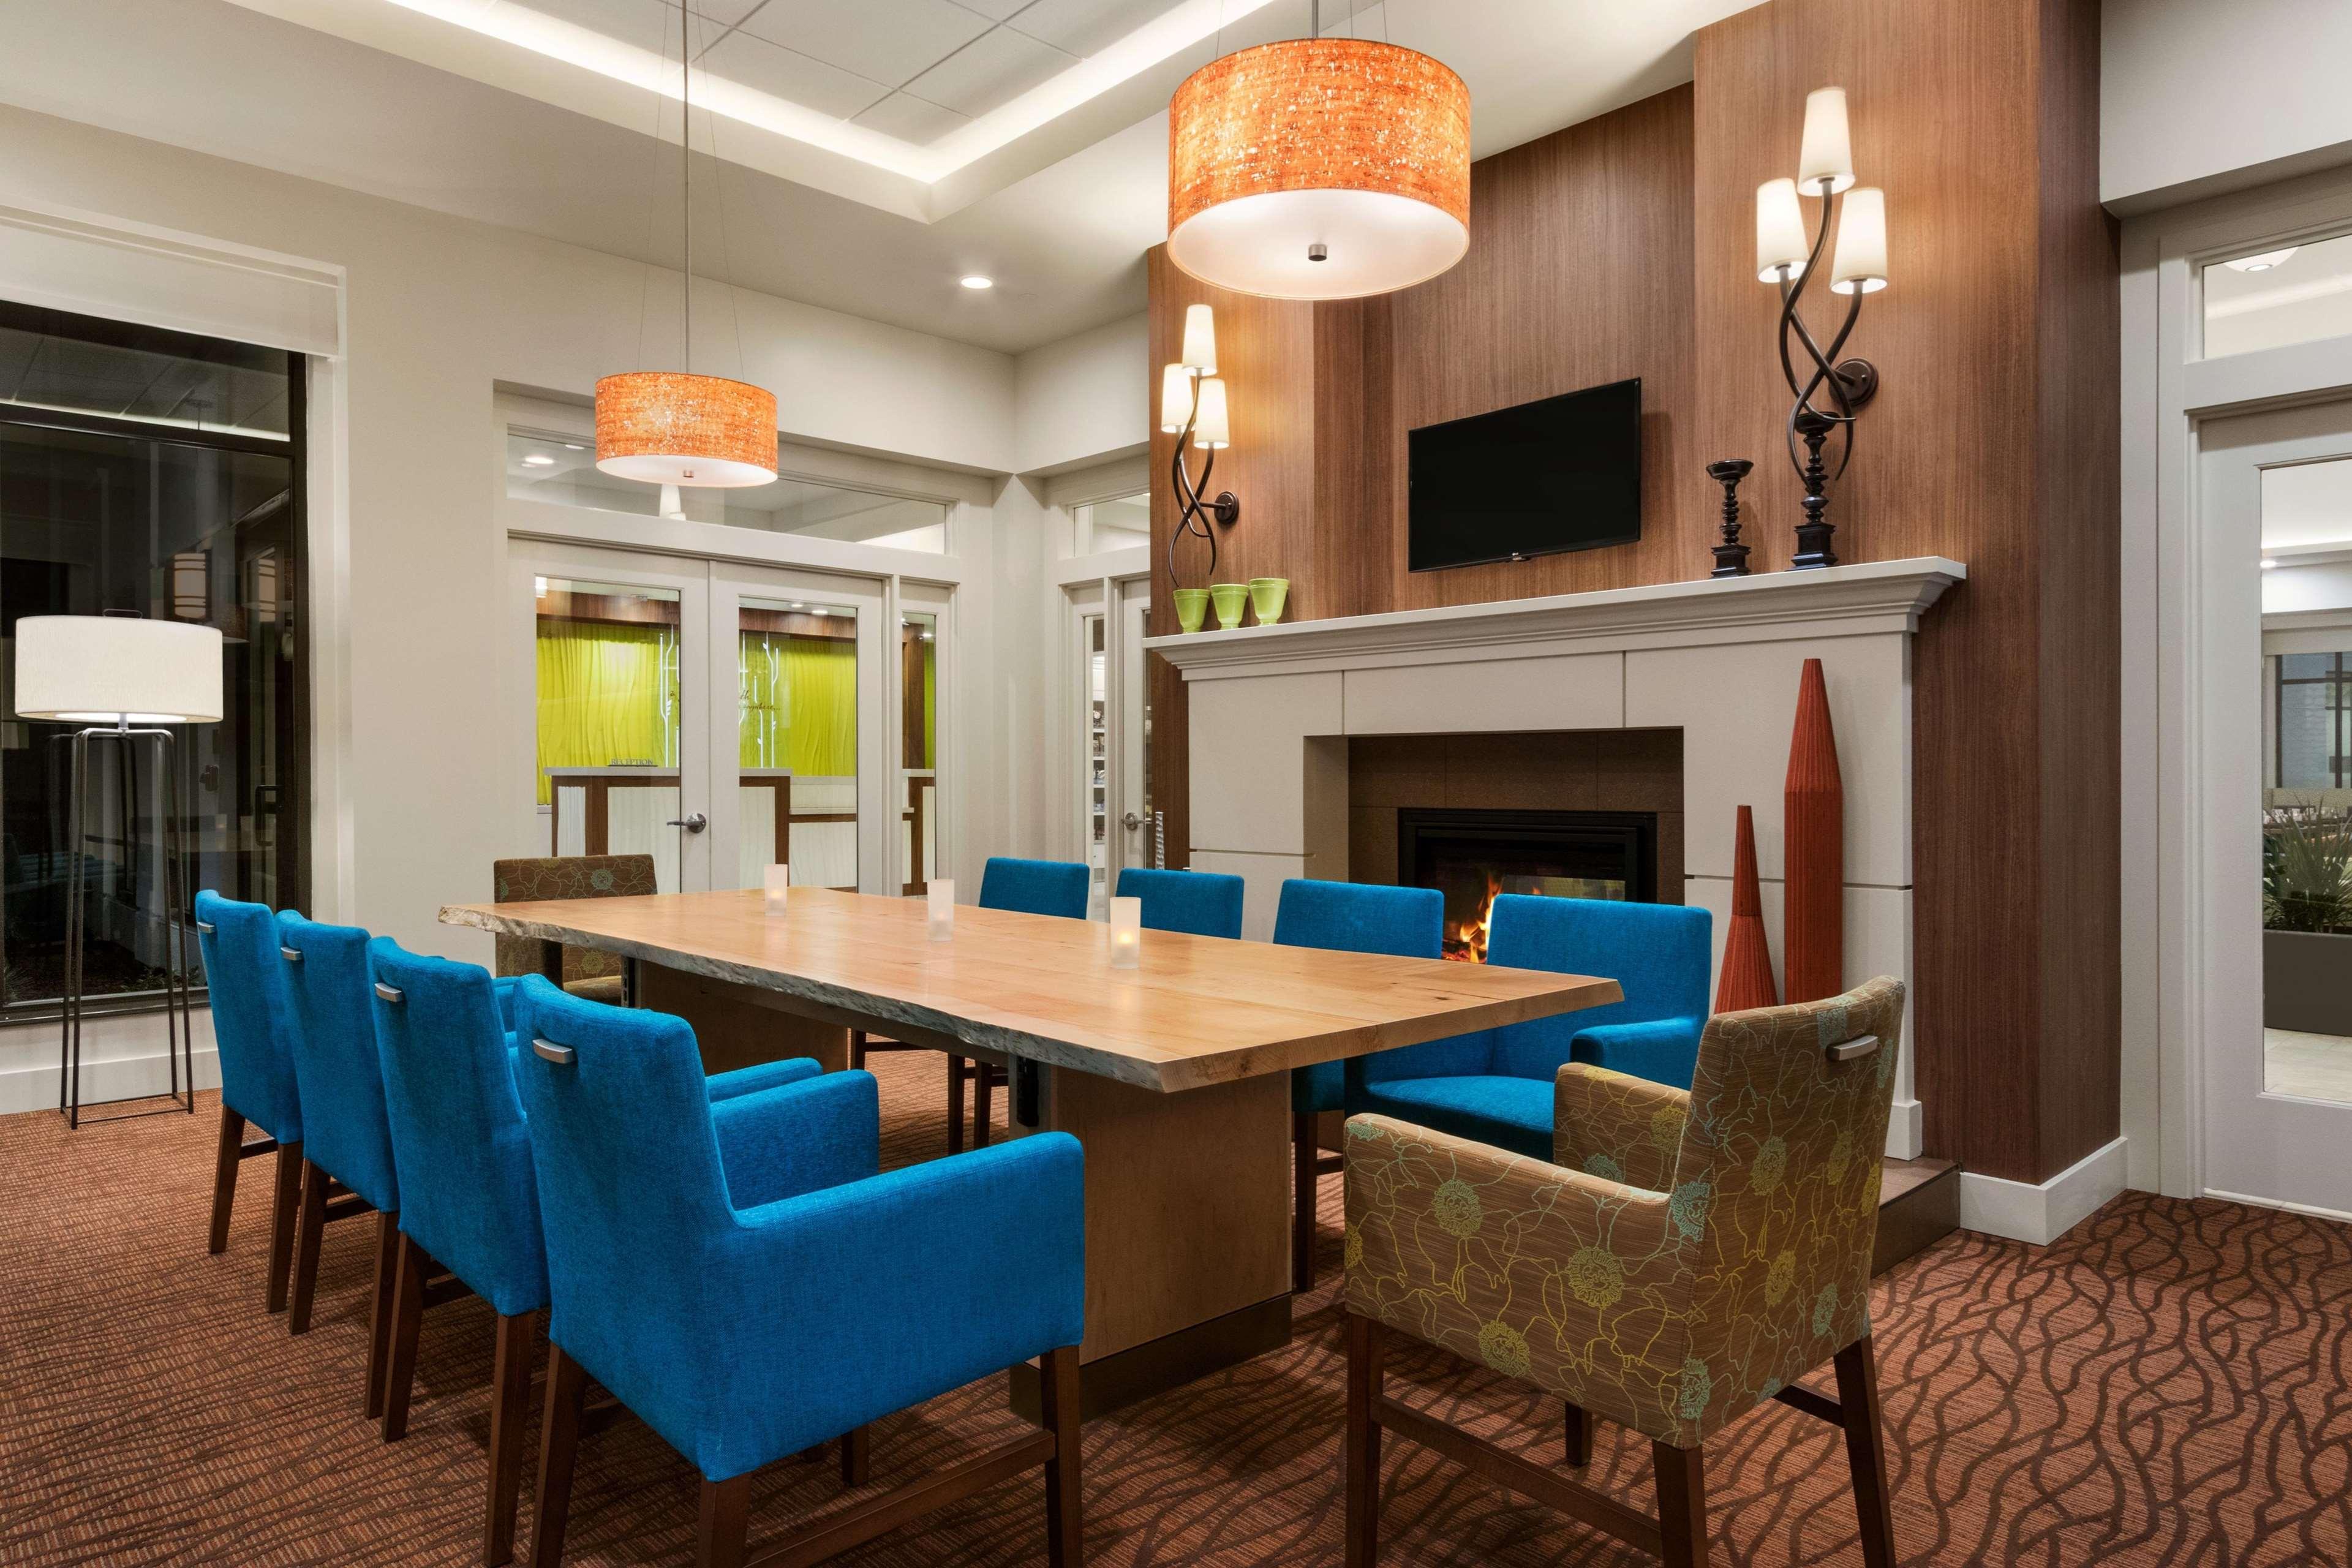 Hilton Garden Inn Medford image 14